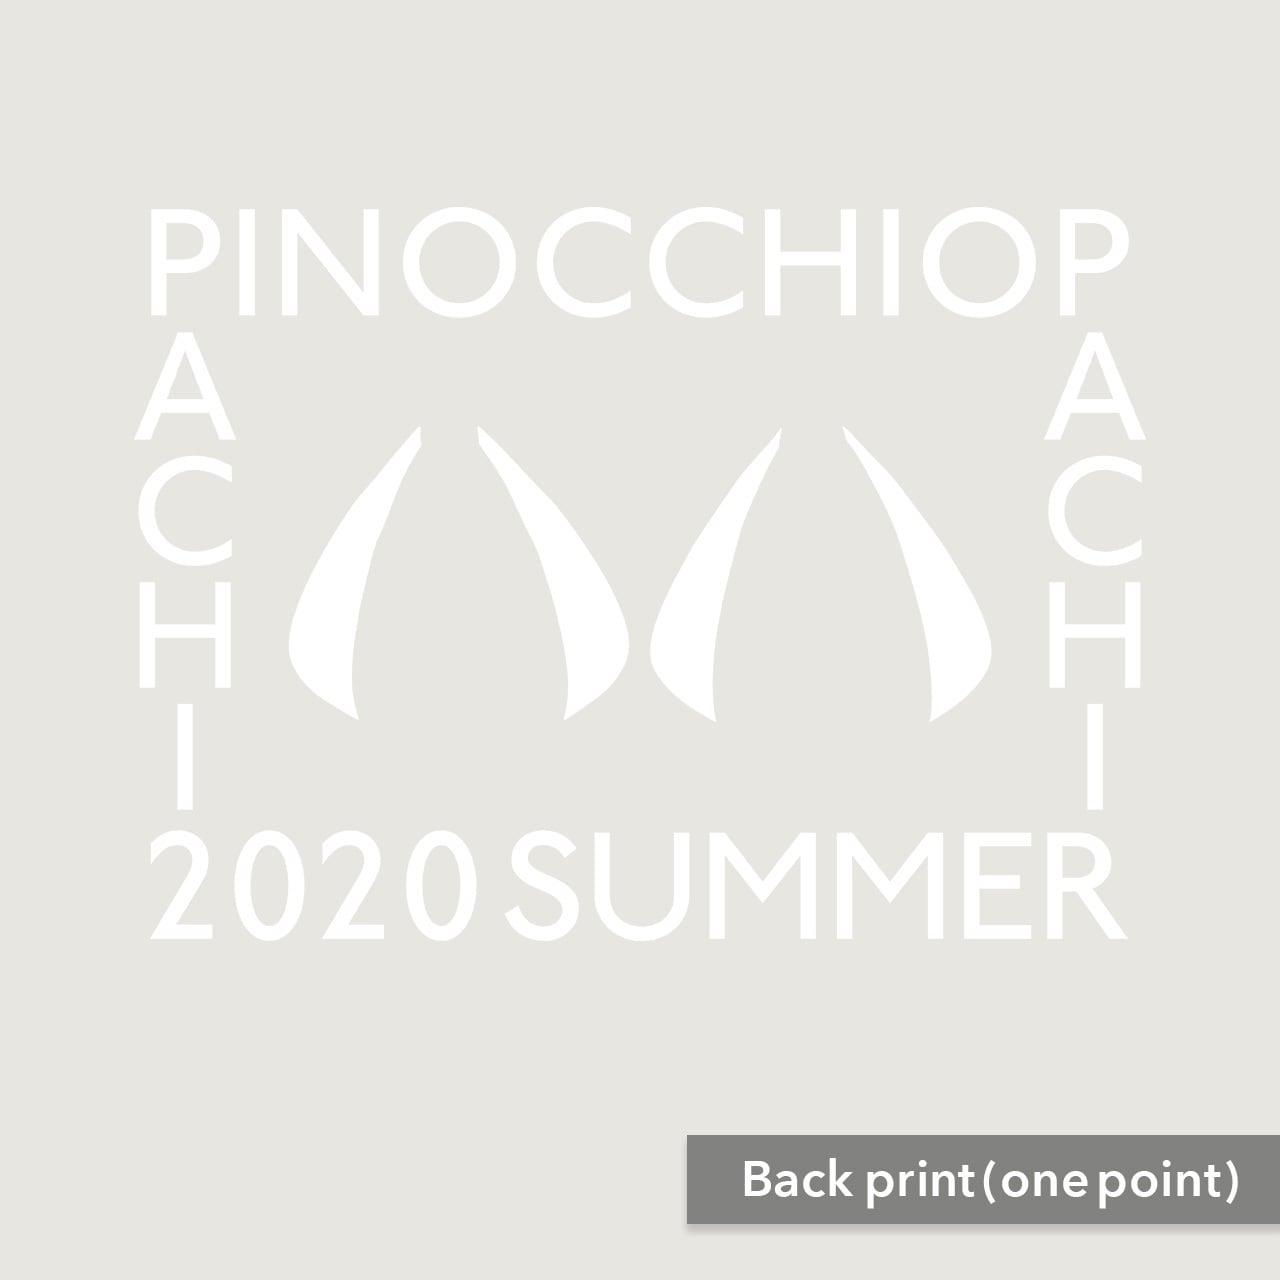 【受注生産再販】ピノキオピー - 八八 -パチパチ-  Tシャツ(バニラホワイト)+ステッカーセット - 画像2